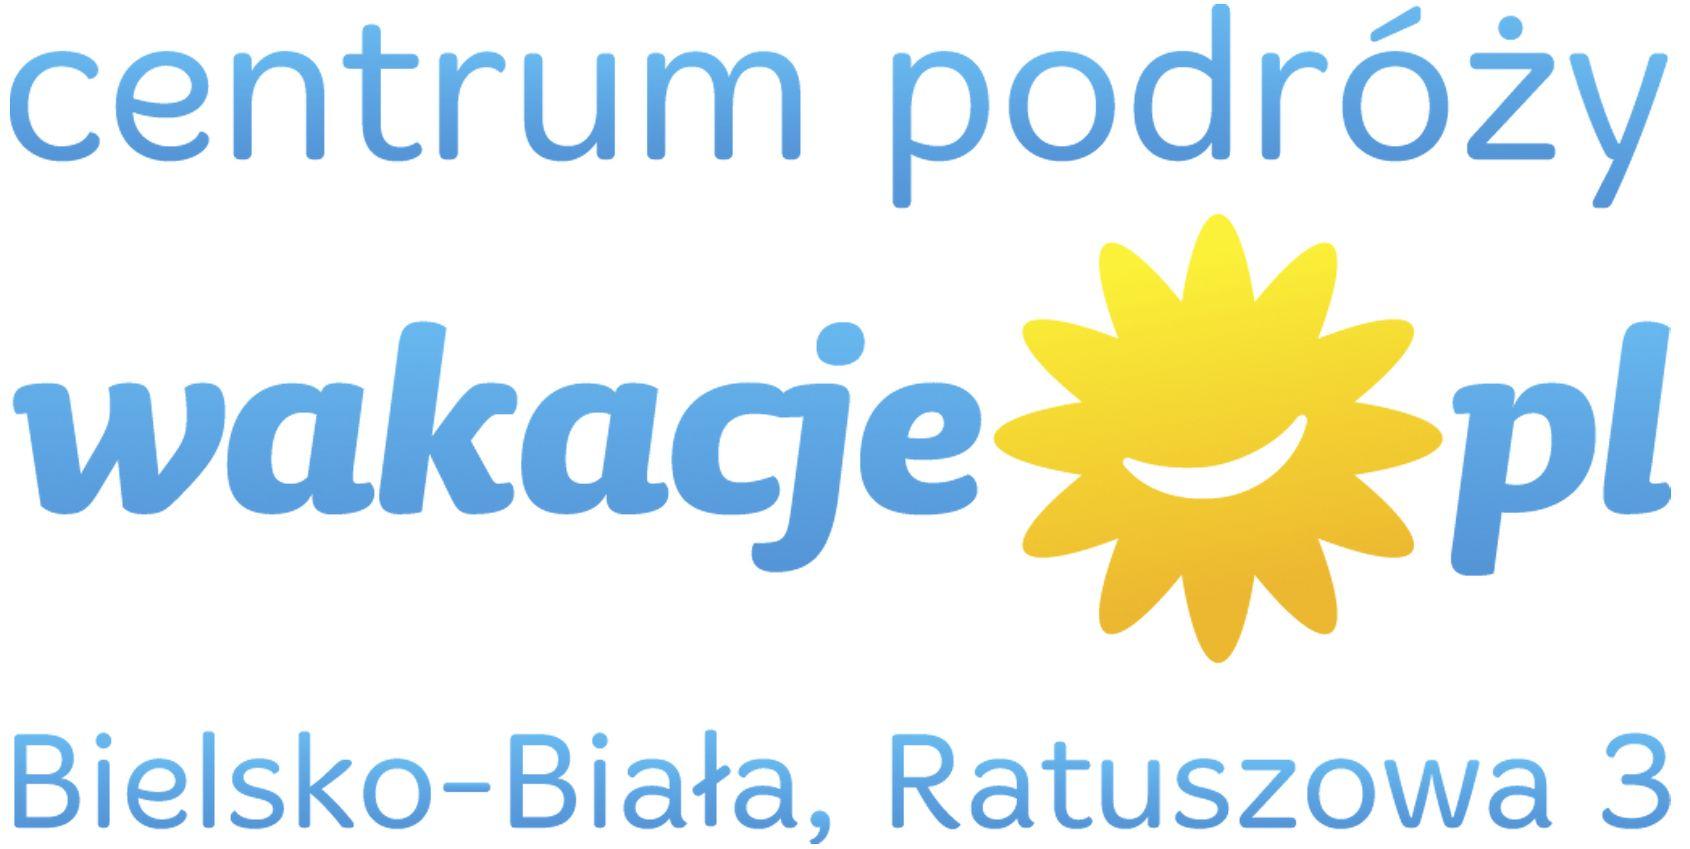 Centrum Podróży Wakacje.pl w Bielsku-Białej, ul. Ratuszowa 3. Biuro czynne: od poniedziałku do piątku: 9:00–19:00  ▪ w soboty: 10:00–14:00  ▪ w niedziele nieczynne